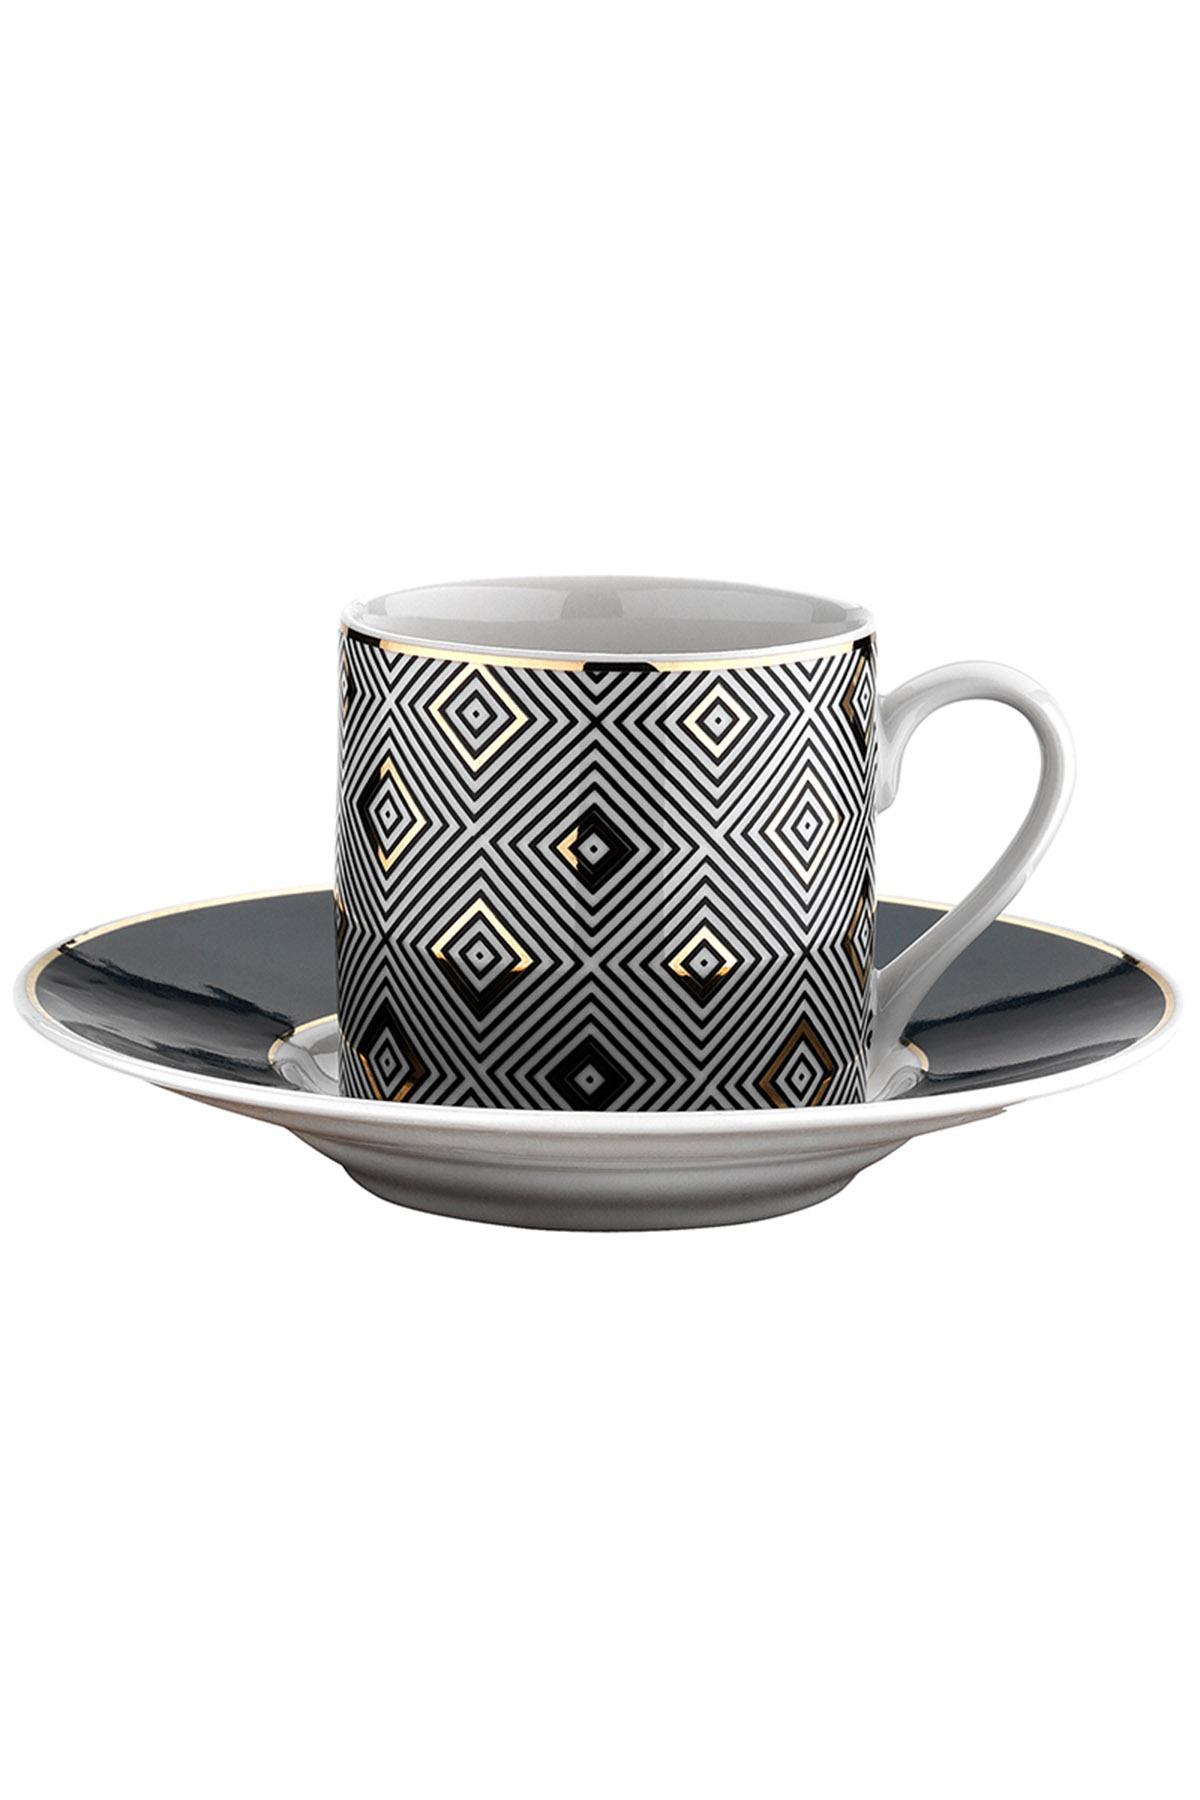 Kütahya Porselen - Kütahya Porselen Rüya 7750 Desen Kahve Fincan Takımı